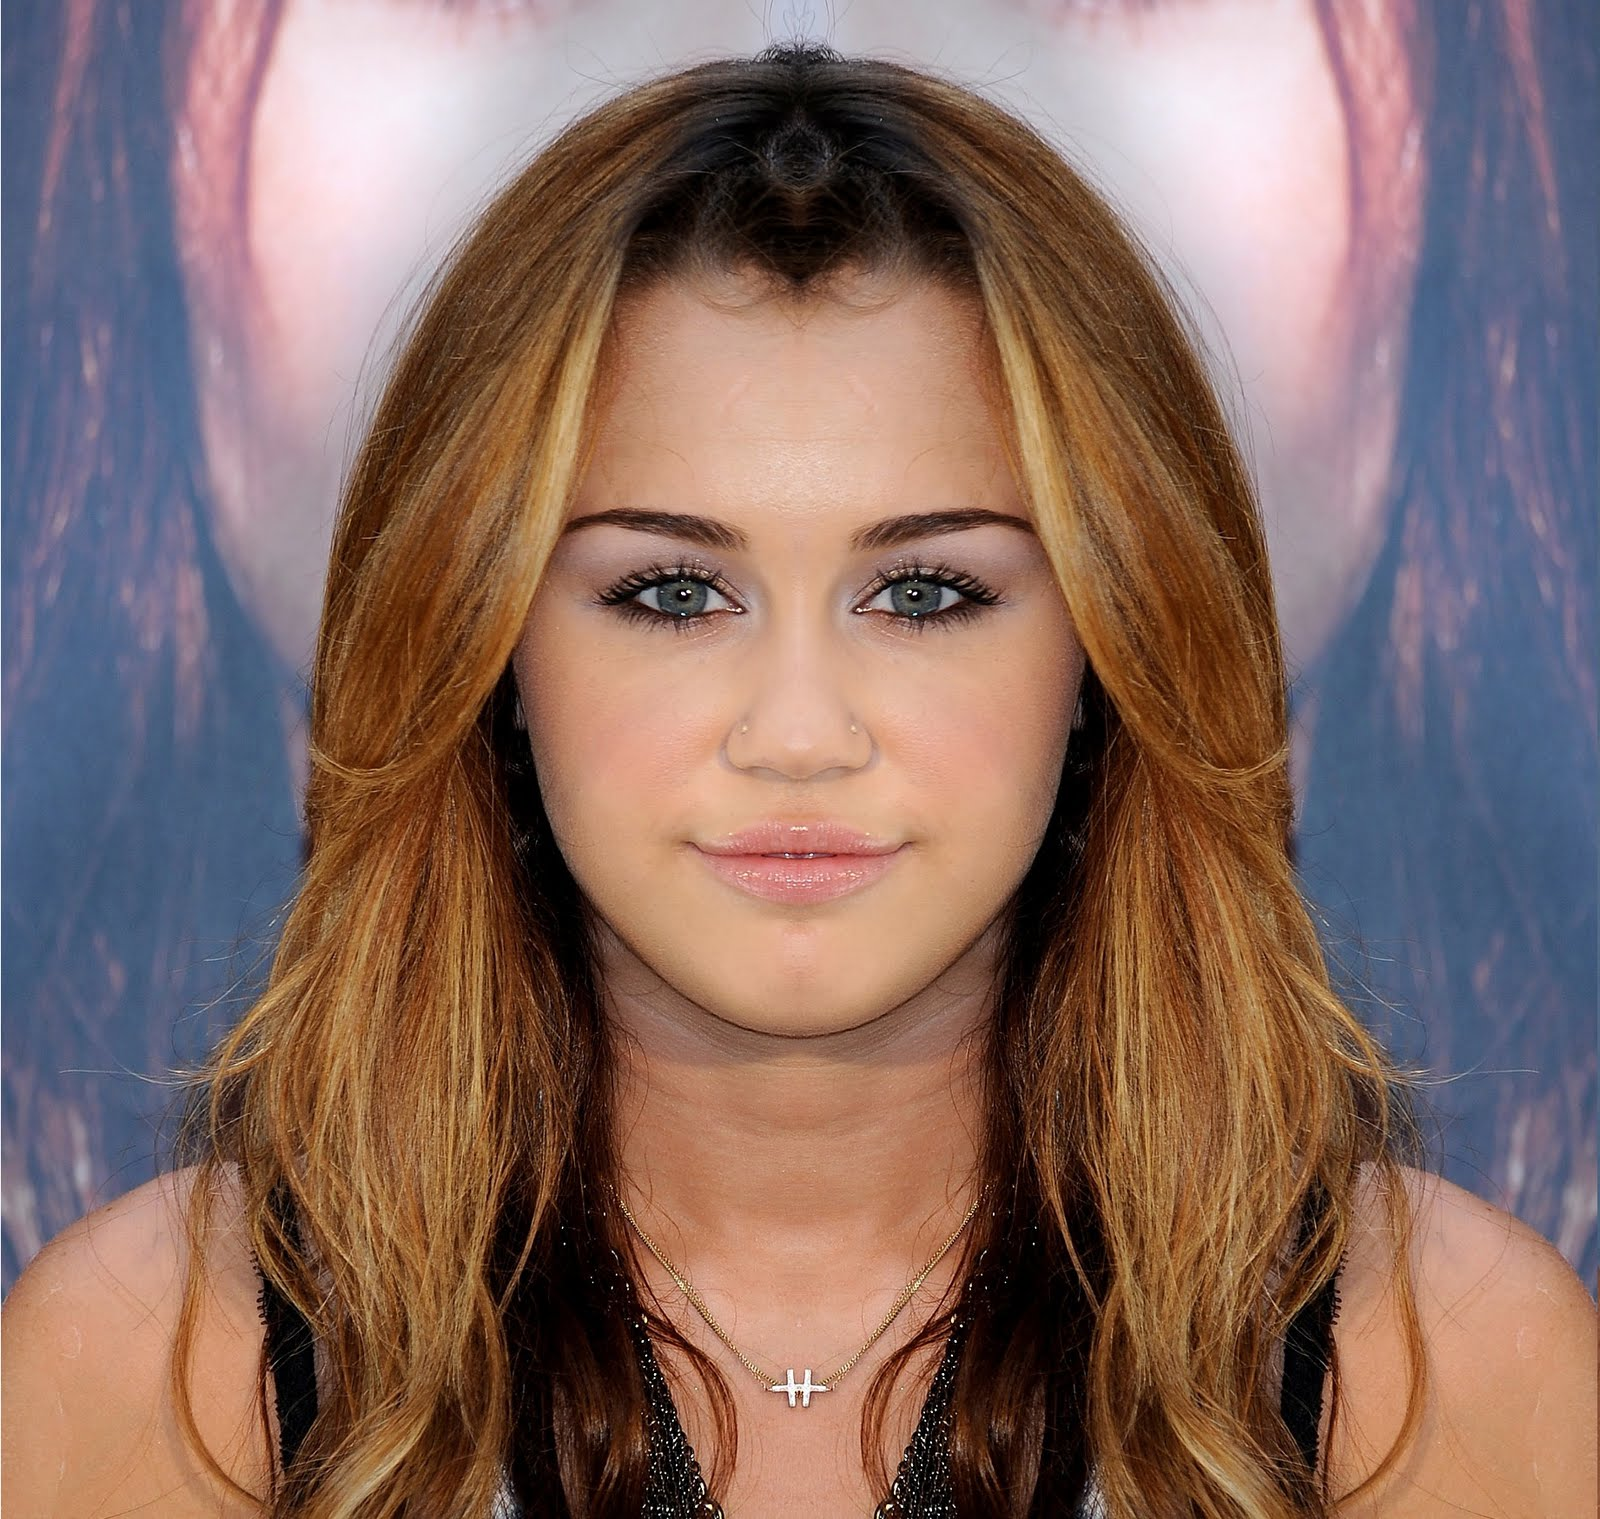 Miley Cyrus: Miley Cyrus - Suryc Yelim